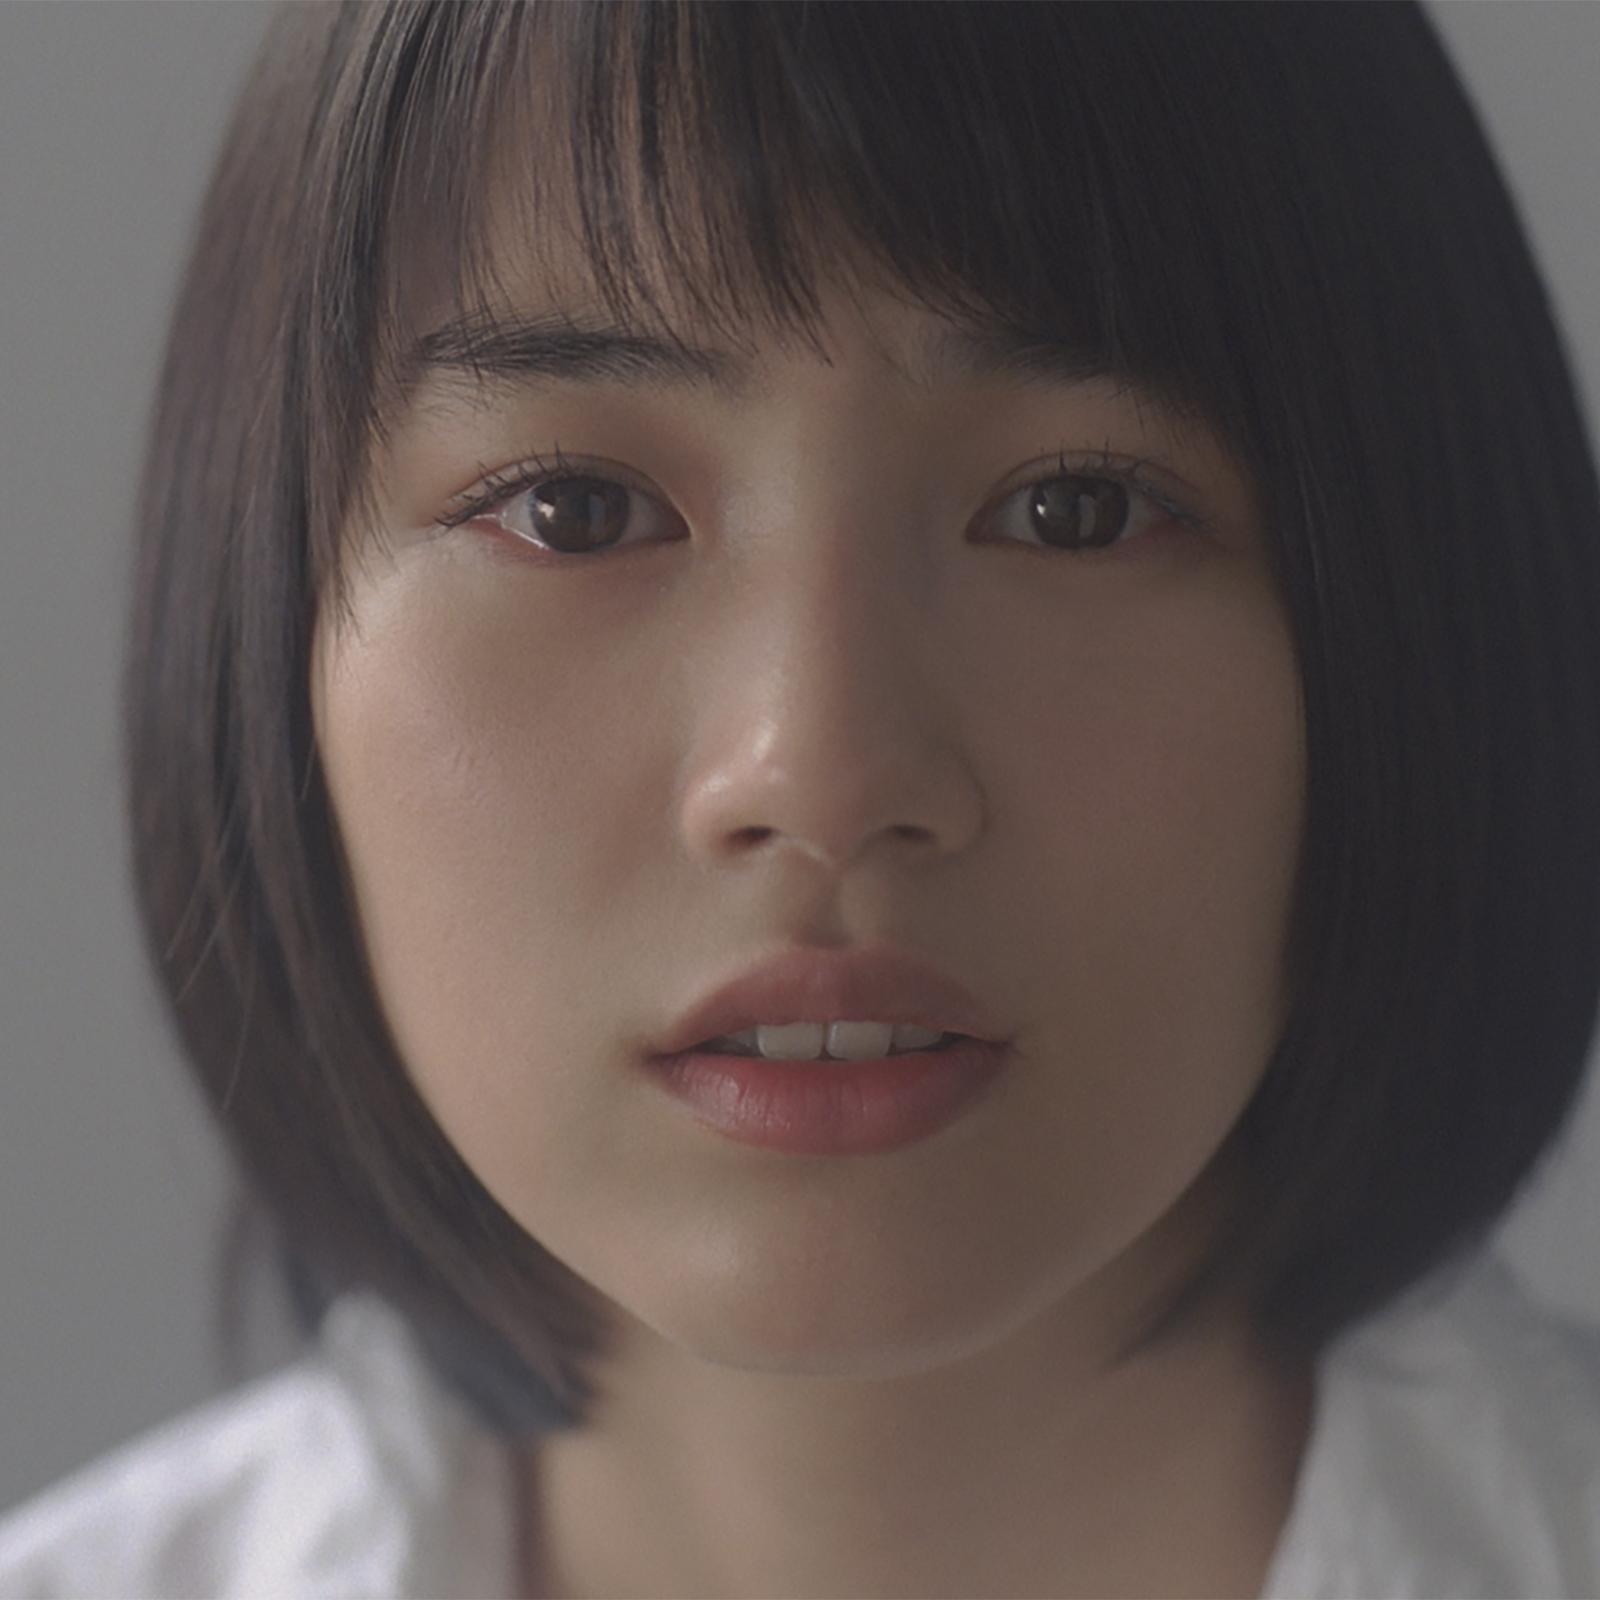 のん (本名:能年玲奈) 配信限定シングル『エイリアンズ』(2017年7月13日発売) 高画質ジャケット画像